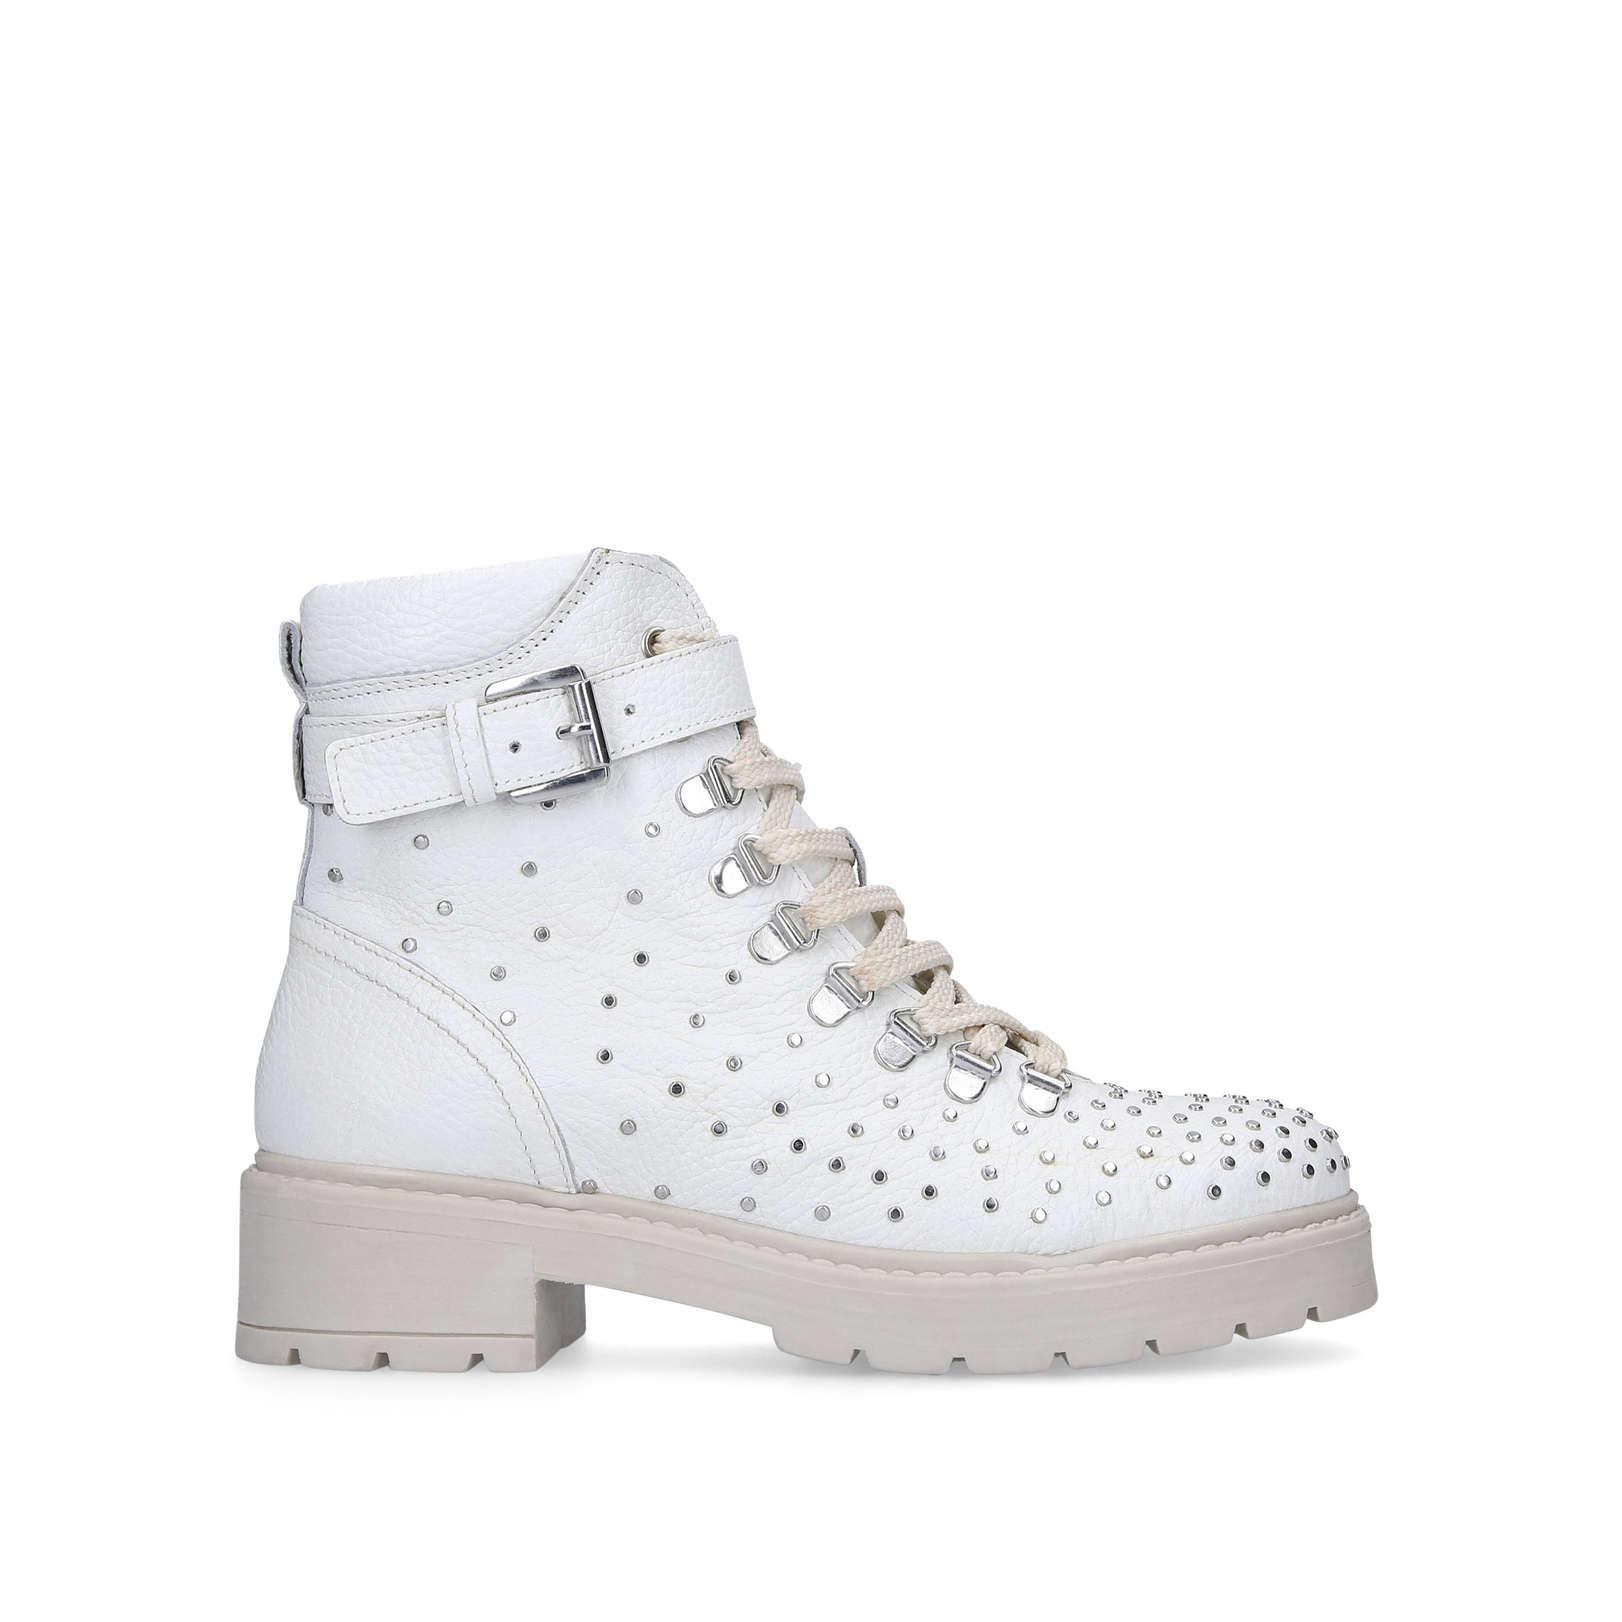 JOKER - CARVELA Ankle Boots